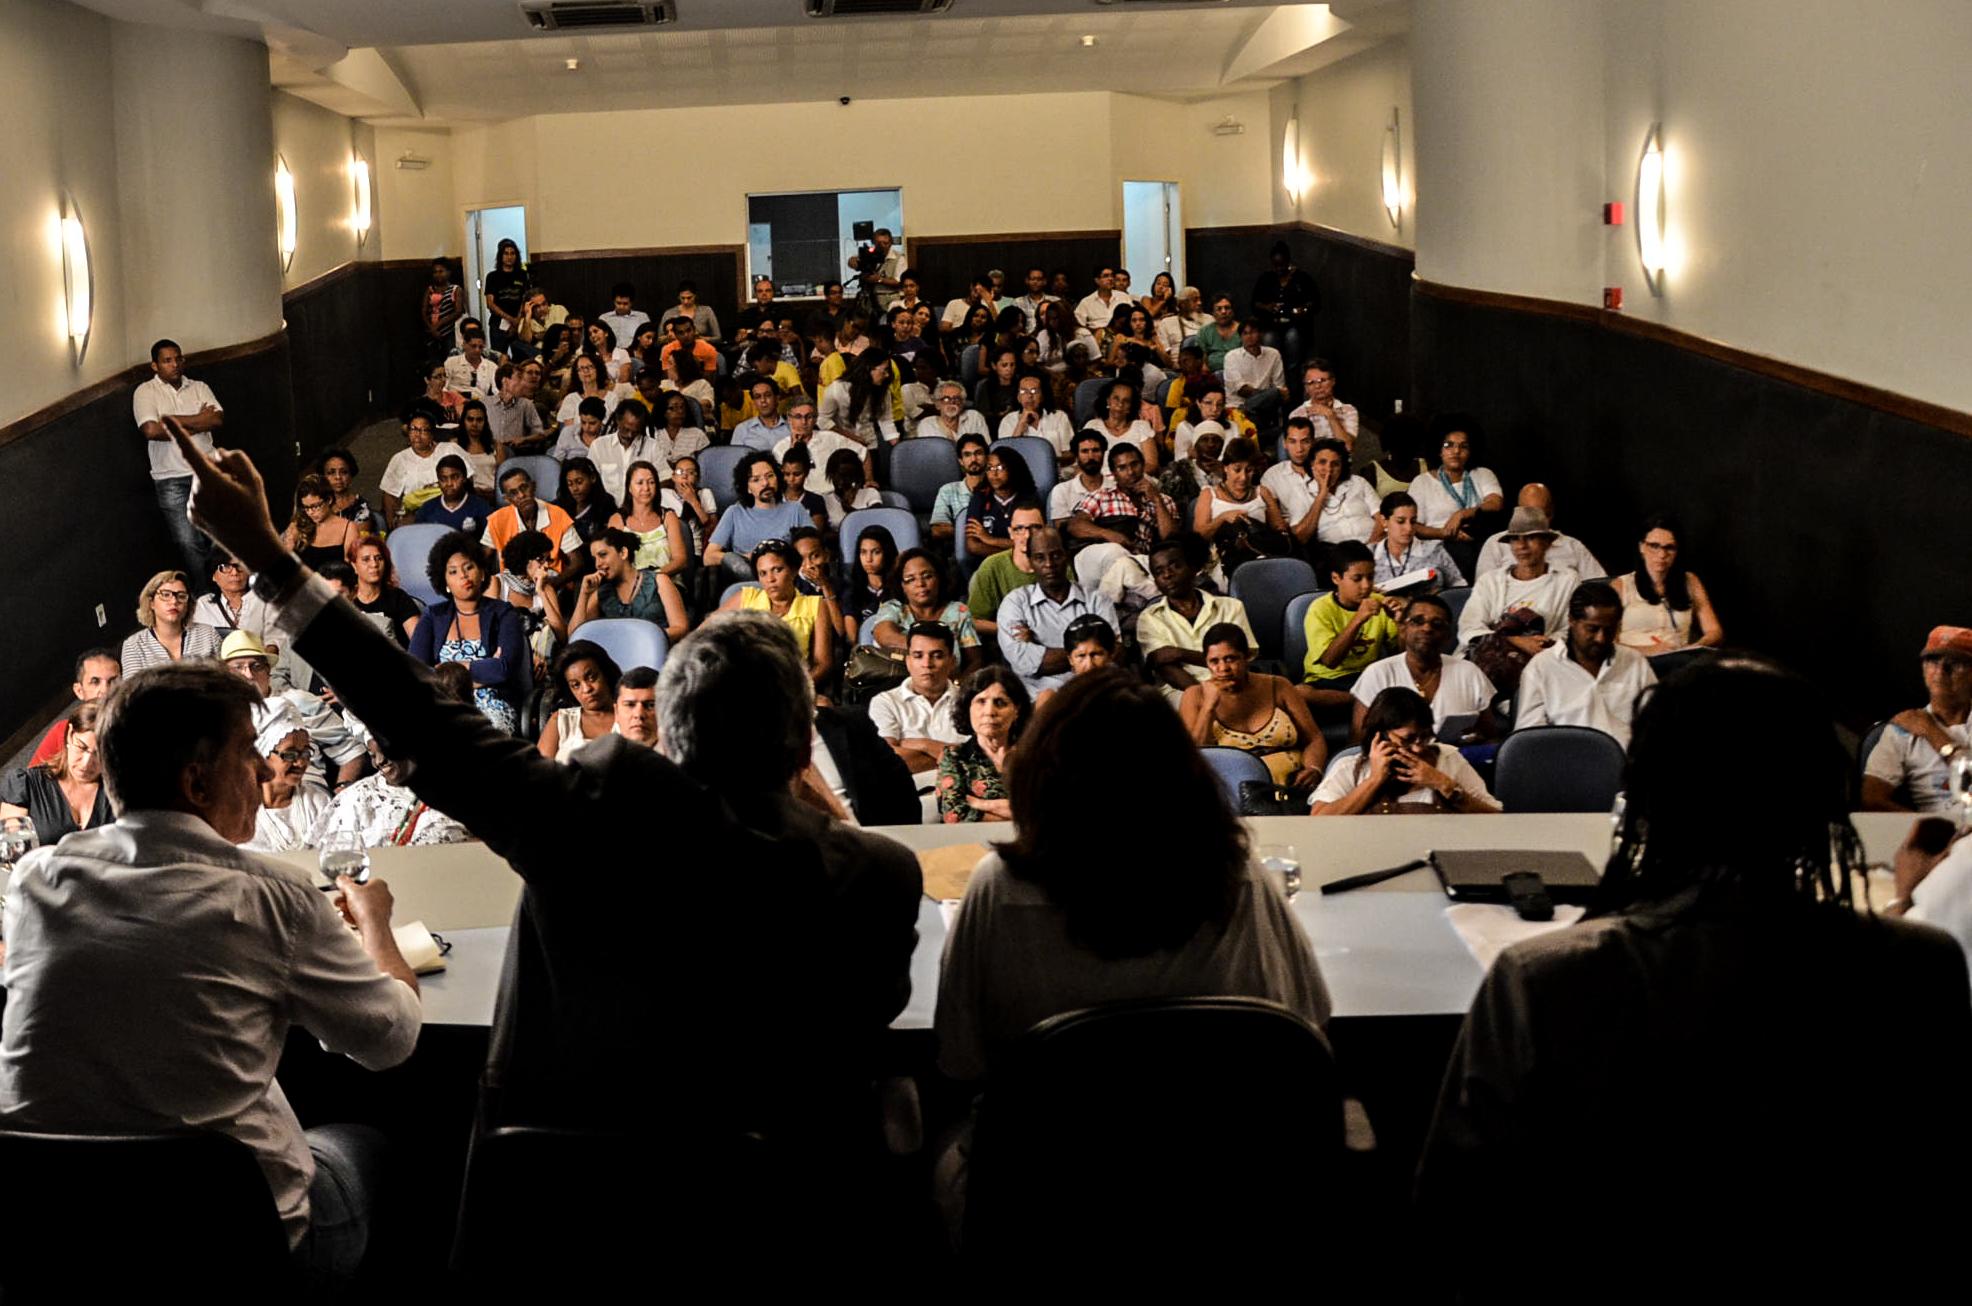 Audiência Pública - Perspectivas para a cultura no município de Salvador Foto: Dudu Assunção